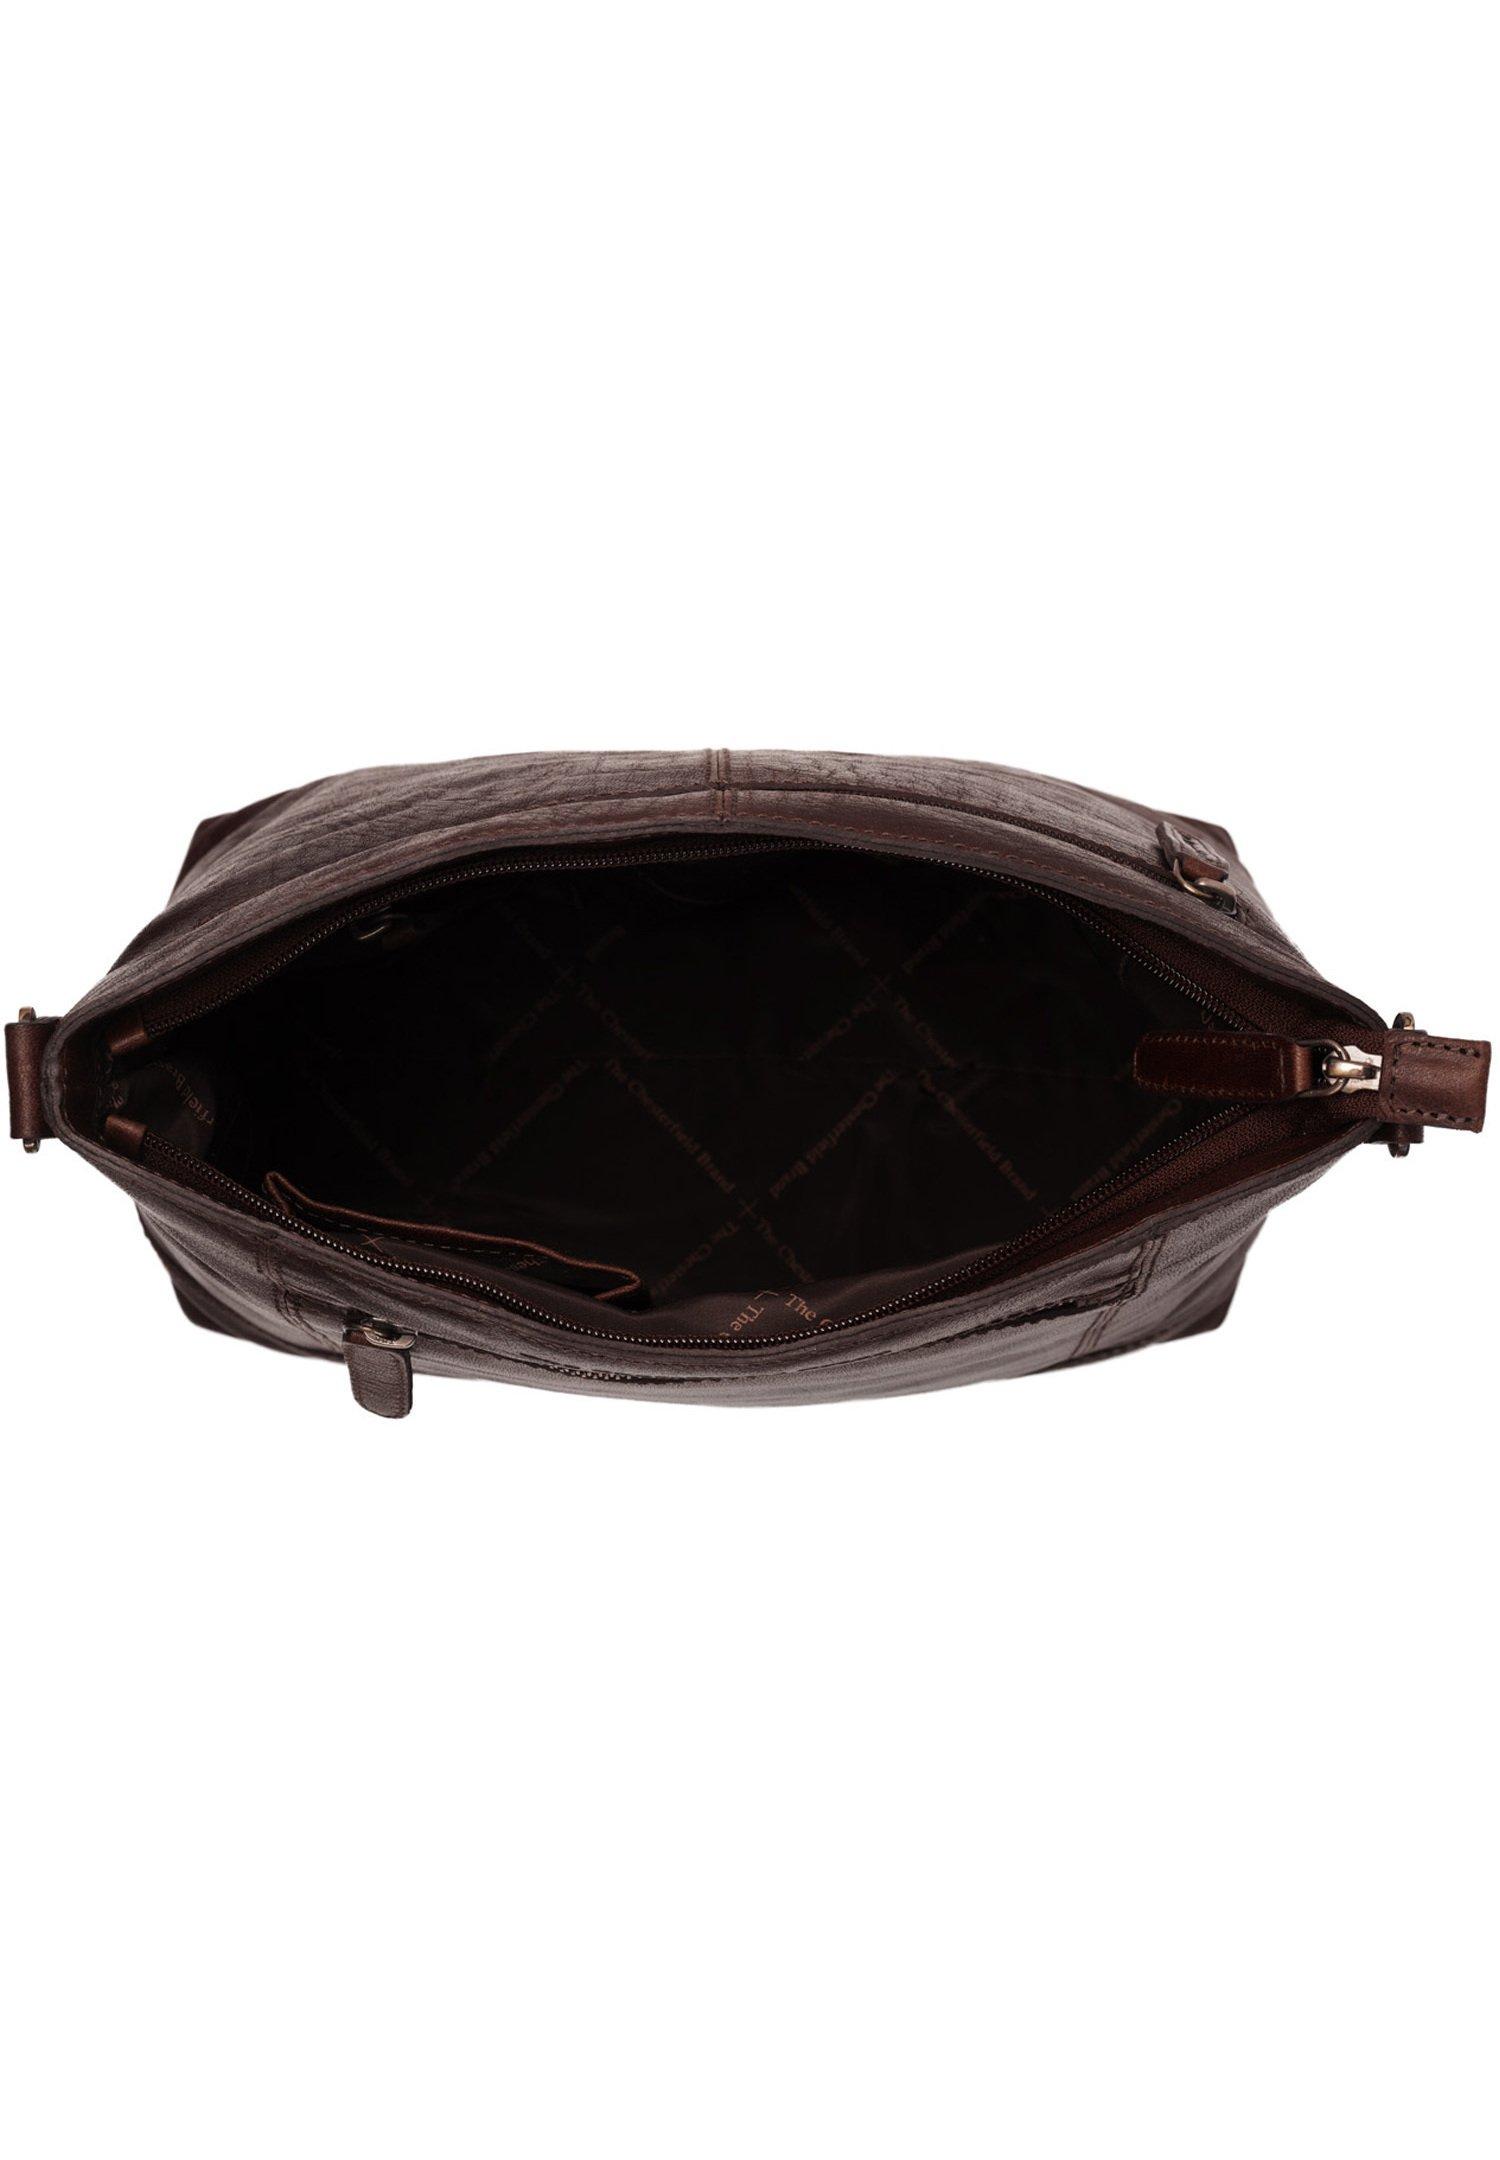 The Chesterfield Brand Borsa a mano - brown - Borse & Accessori da donna Genuino